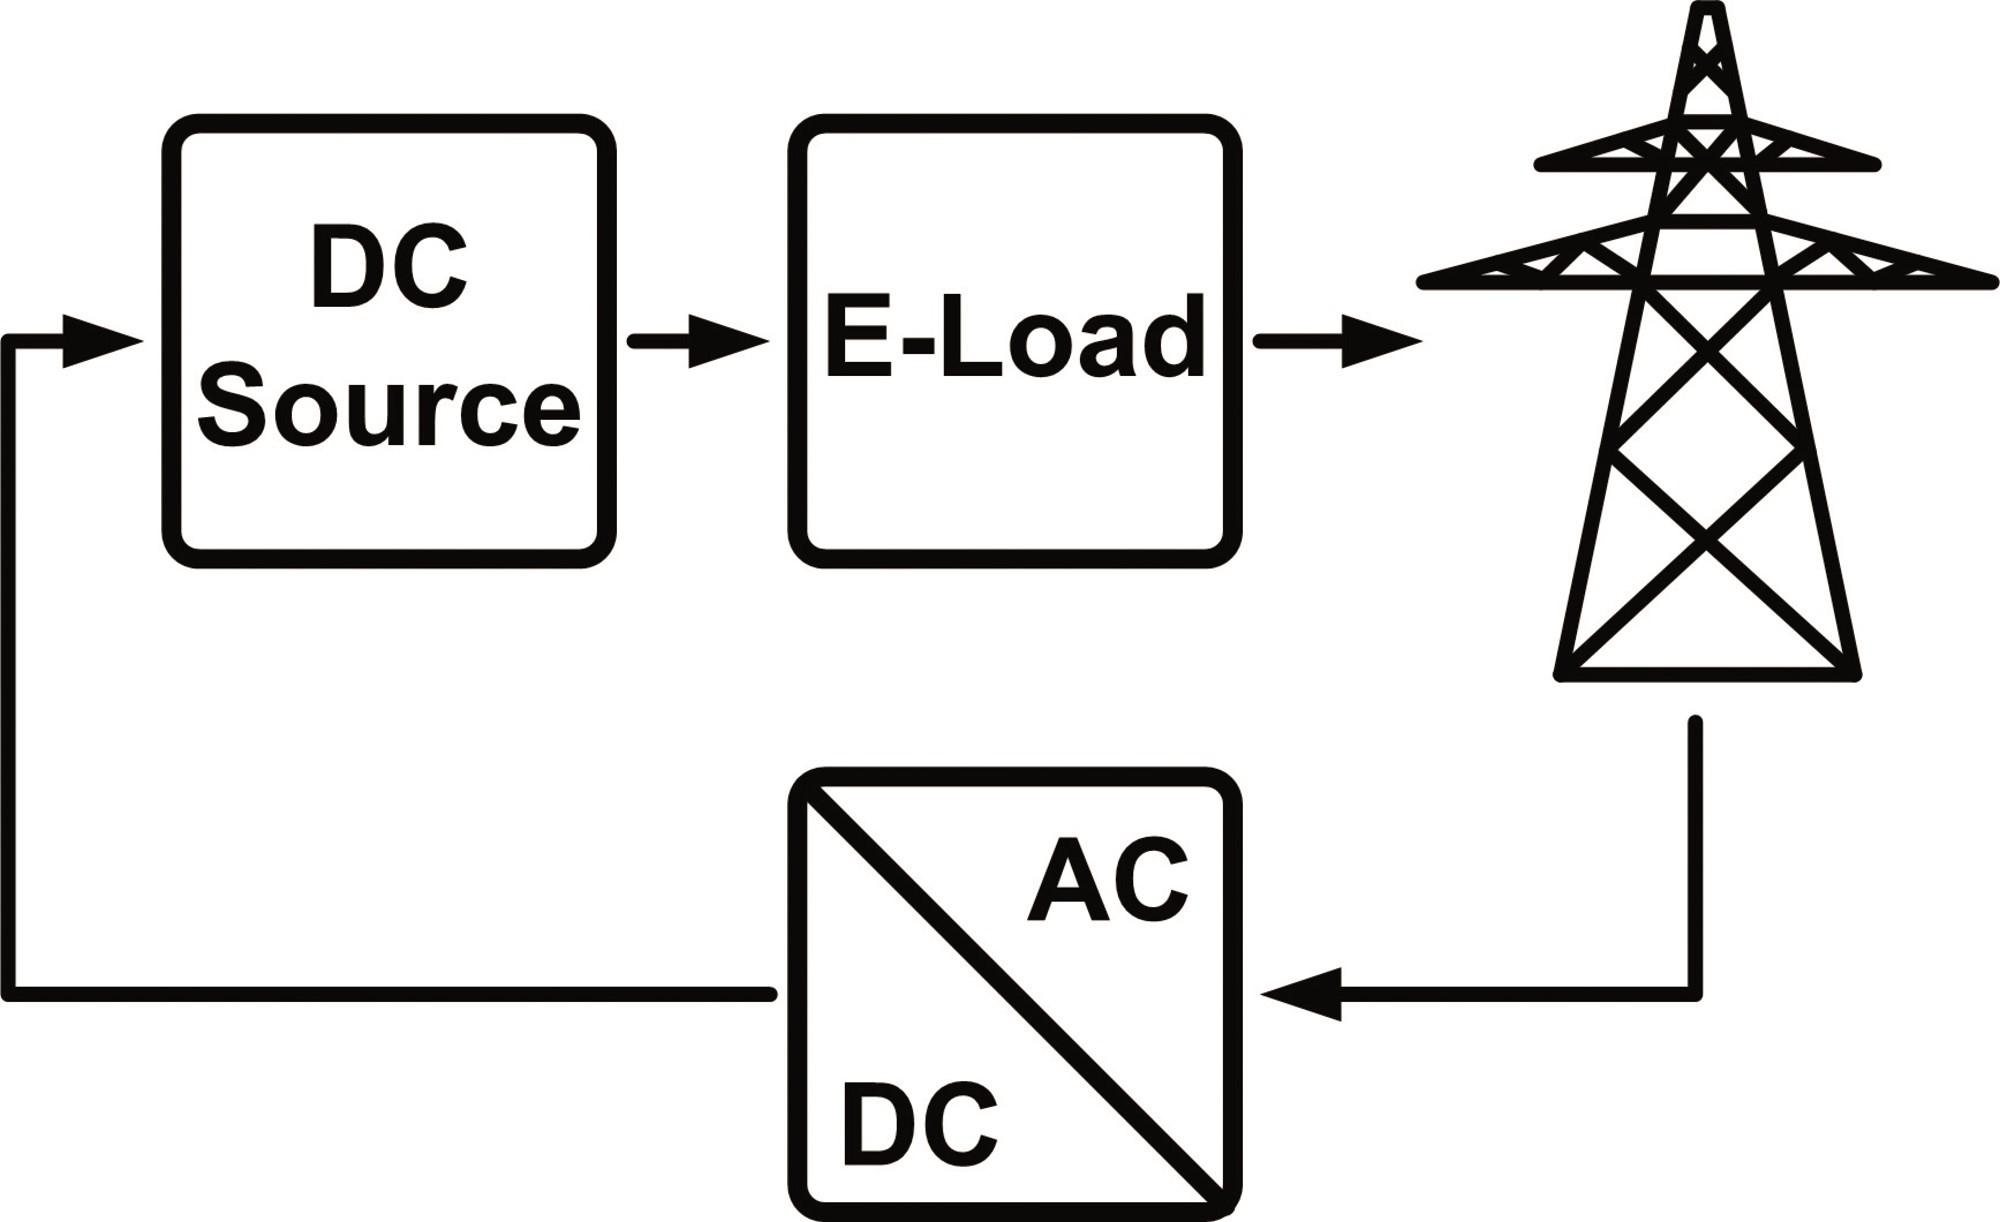 EPS/ELM 5080-25 Elektronisches Lastmodul mit Netzrückspeisung